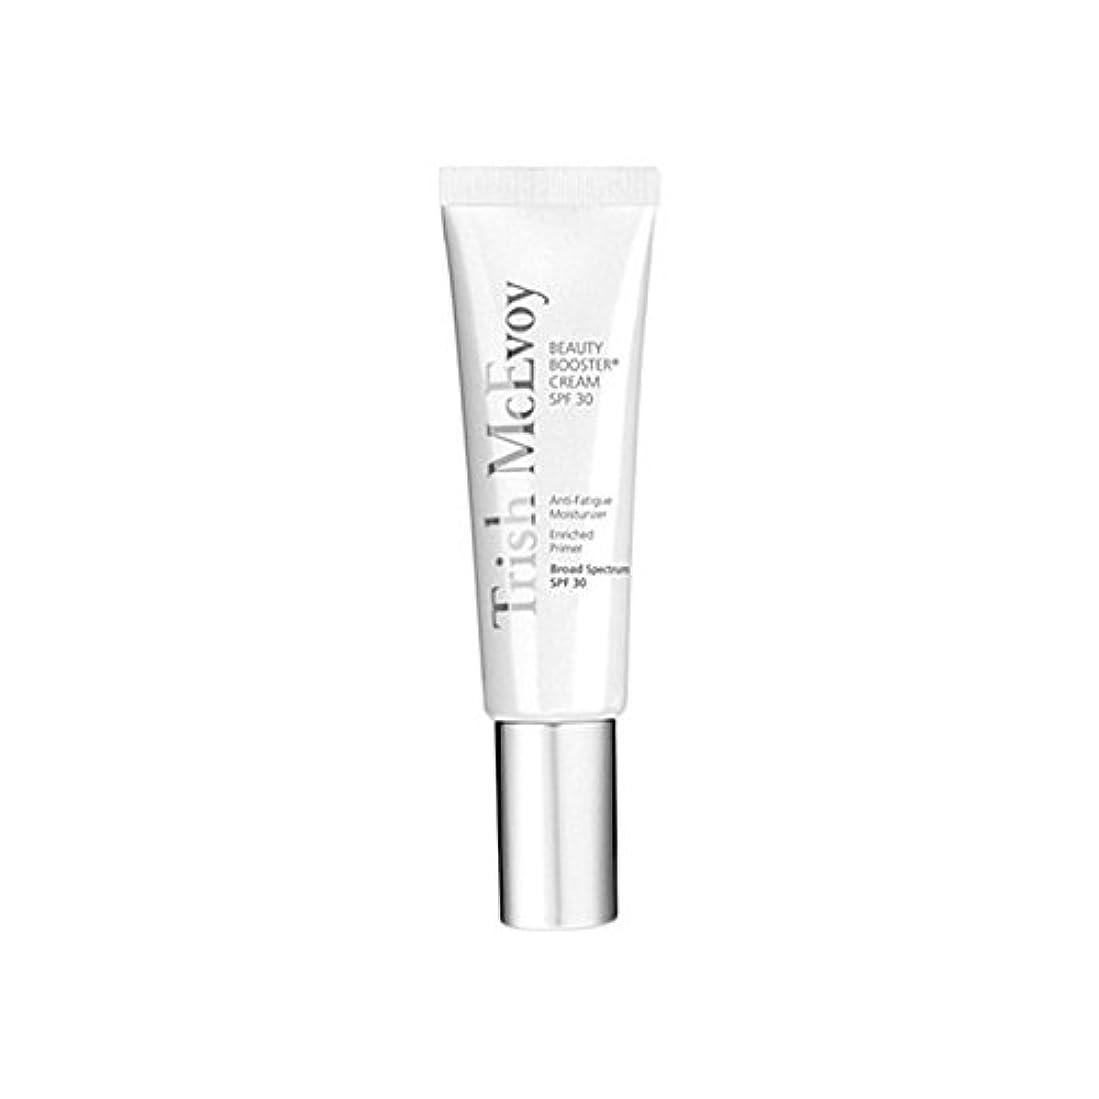 基本的なドール段落Trish Mcevoy Beauty Booster Cream Spf 30 55ml - トリッシュ?マクエボイの美しブースタークリーム 30 55ミリリットル [並行輸入品]